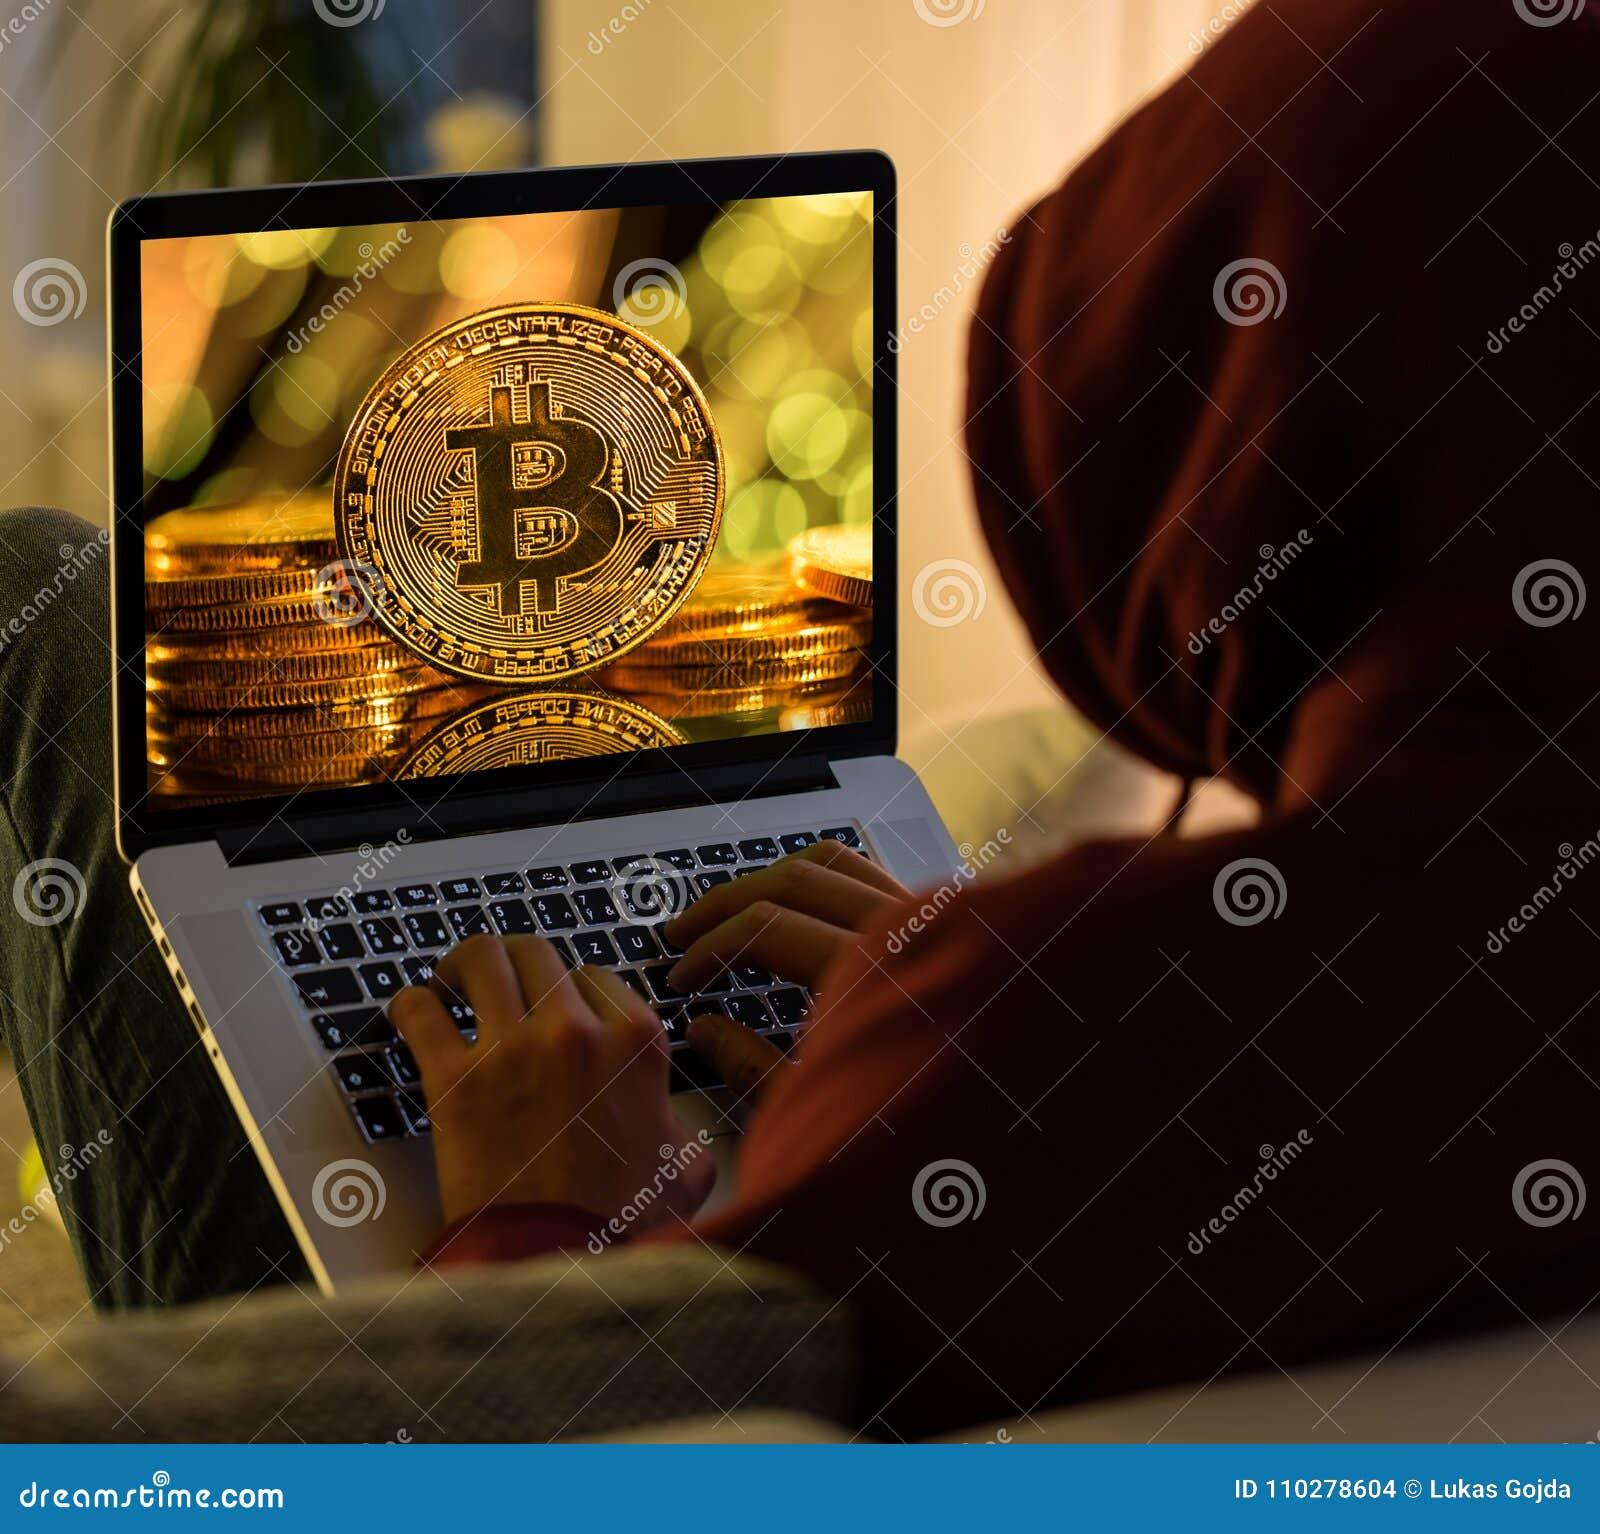 Bitcoin金币和匿名黑客sittign与膝上型计算机